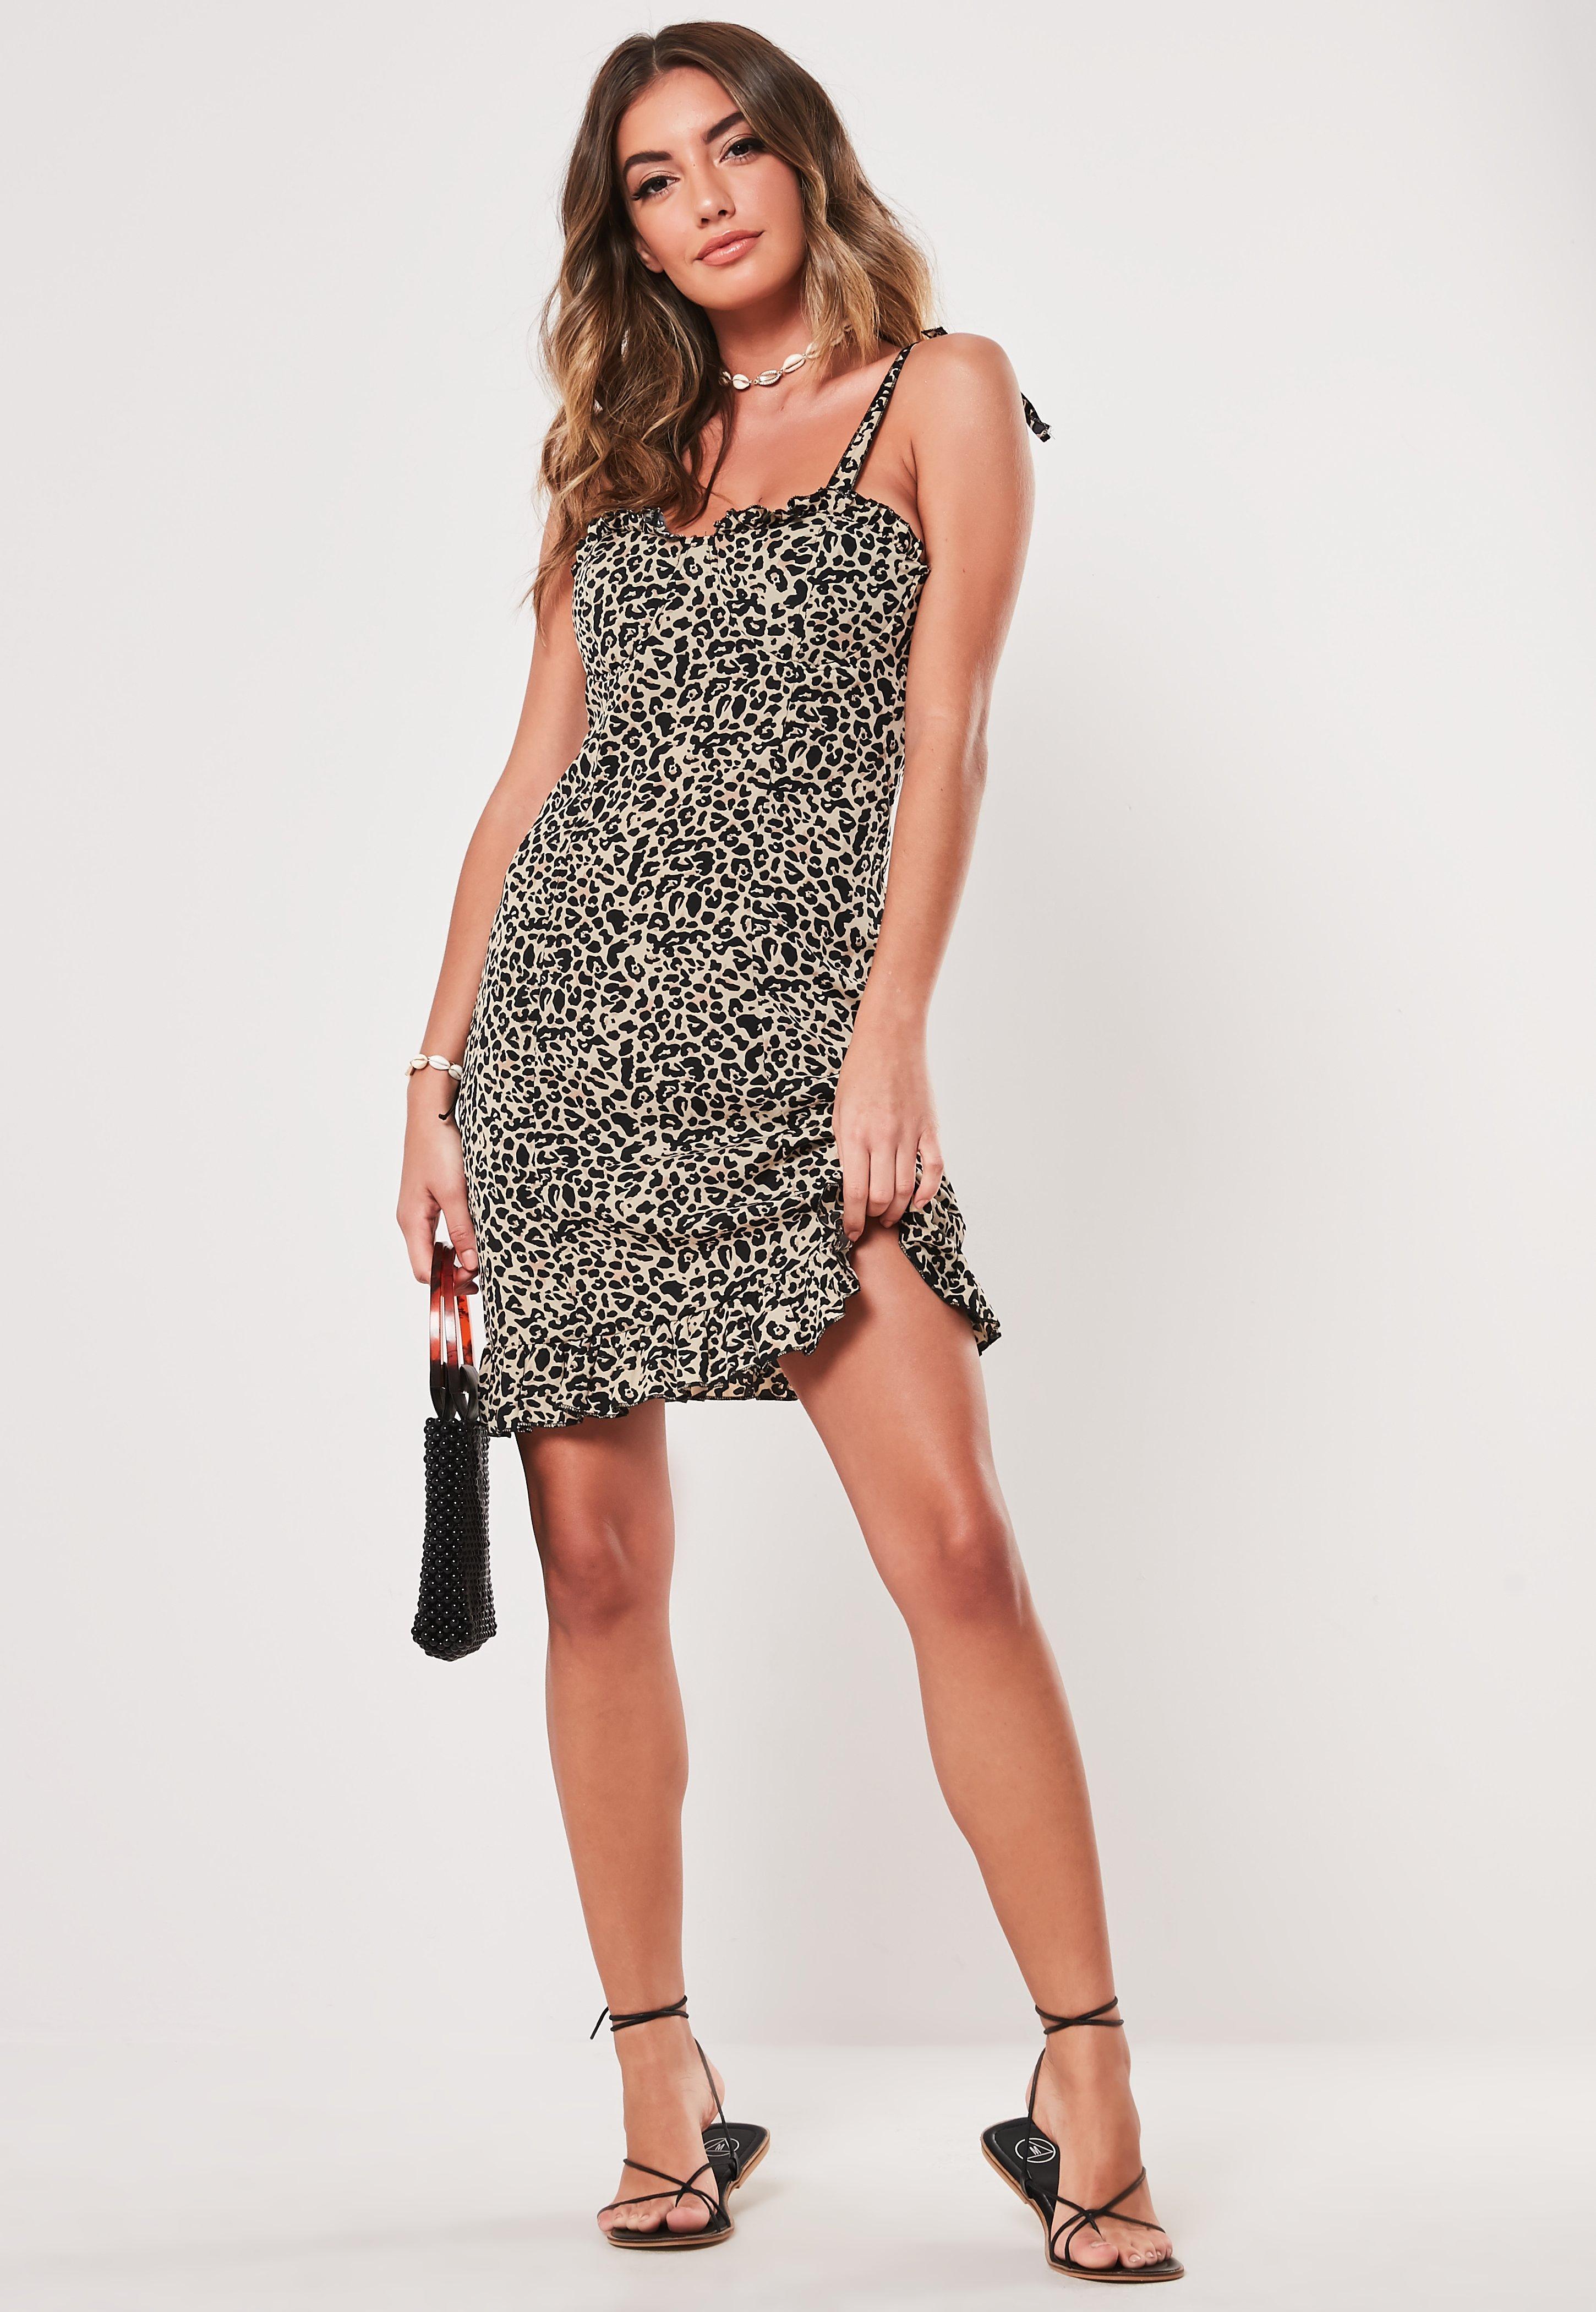 ff0ee27af76 Slip Dresses - Women s Satin Slip Dresses Online